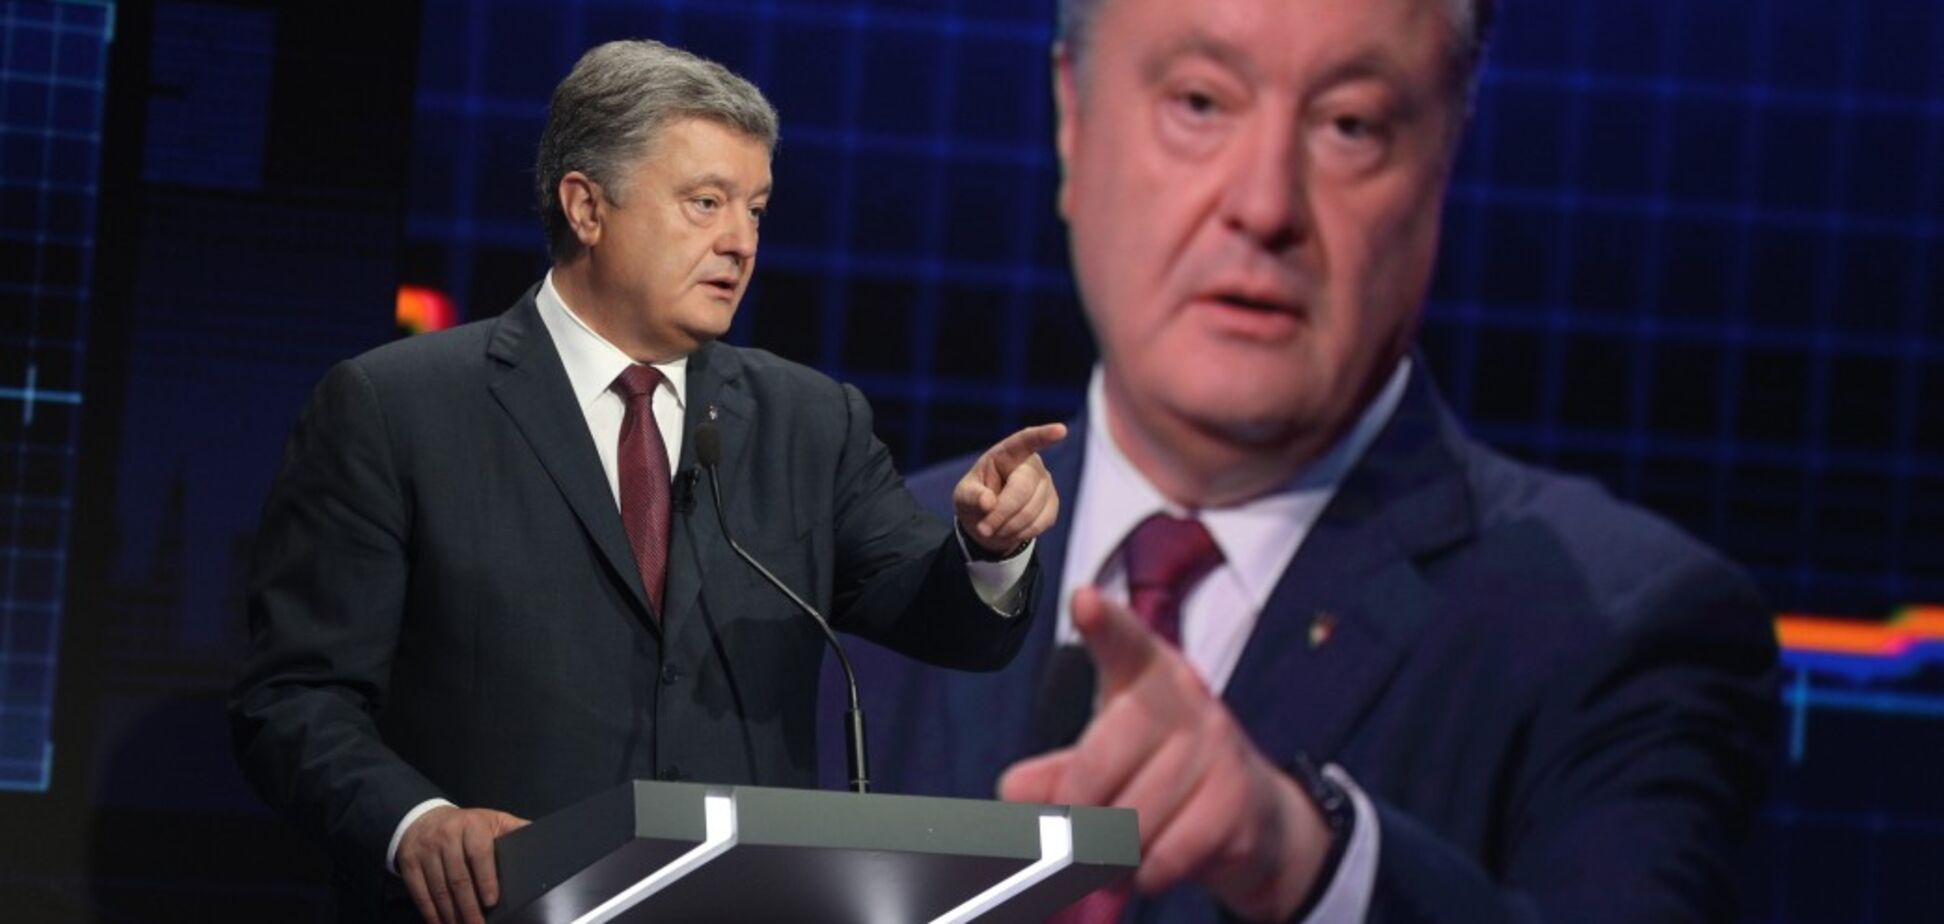 'Никто нам не поможет': самые важные тезисы выступления Порошенко об агрессии РФ